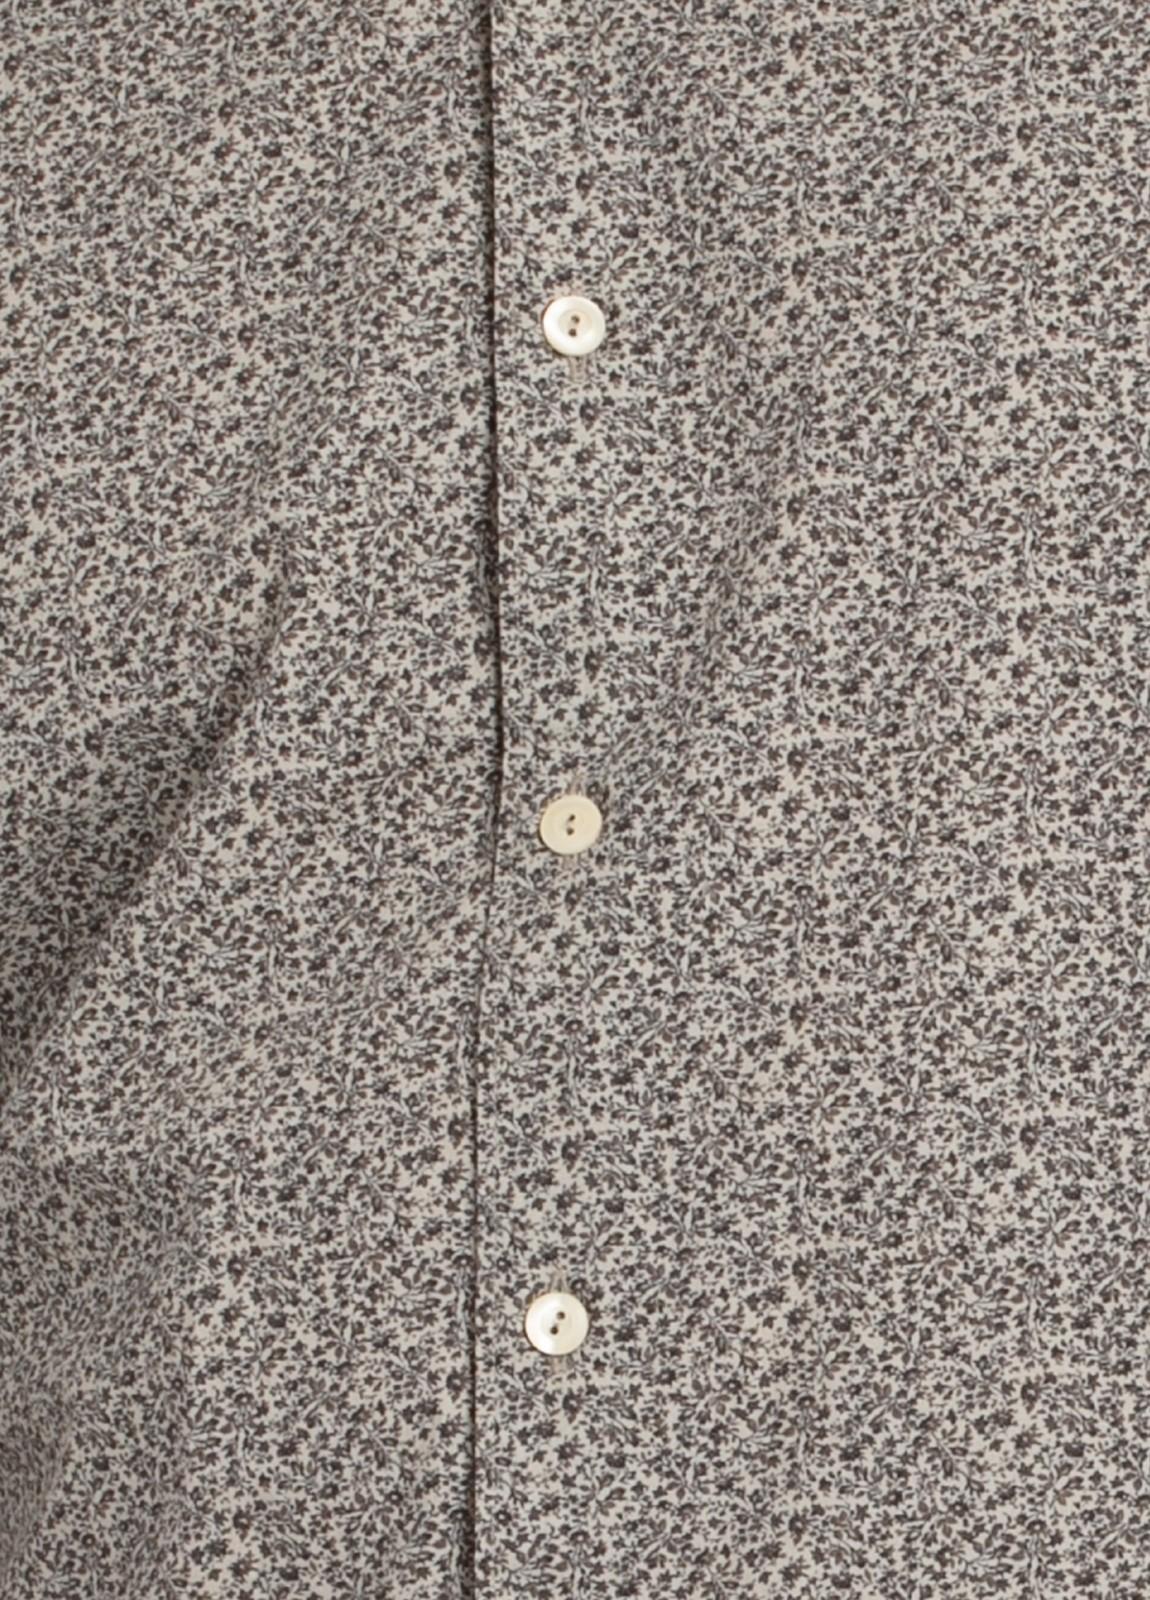 Camisa sport SLIM FIT con estampado floral en tonos piedra. 100% Algodón. - Ítem2